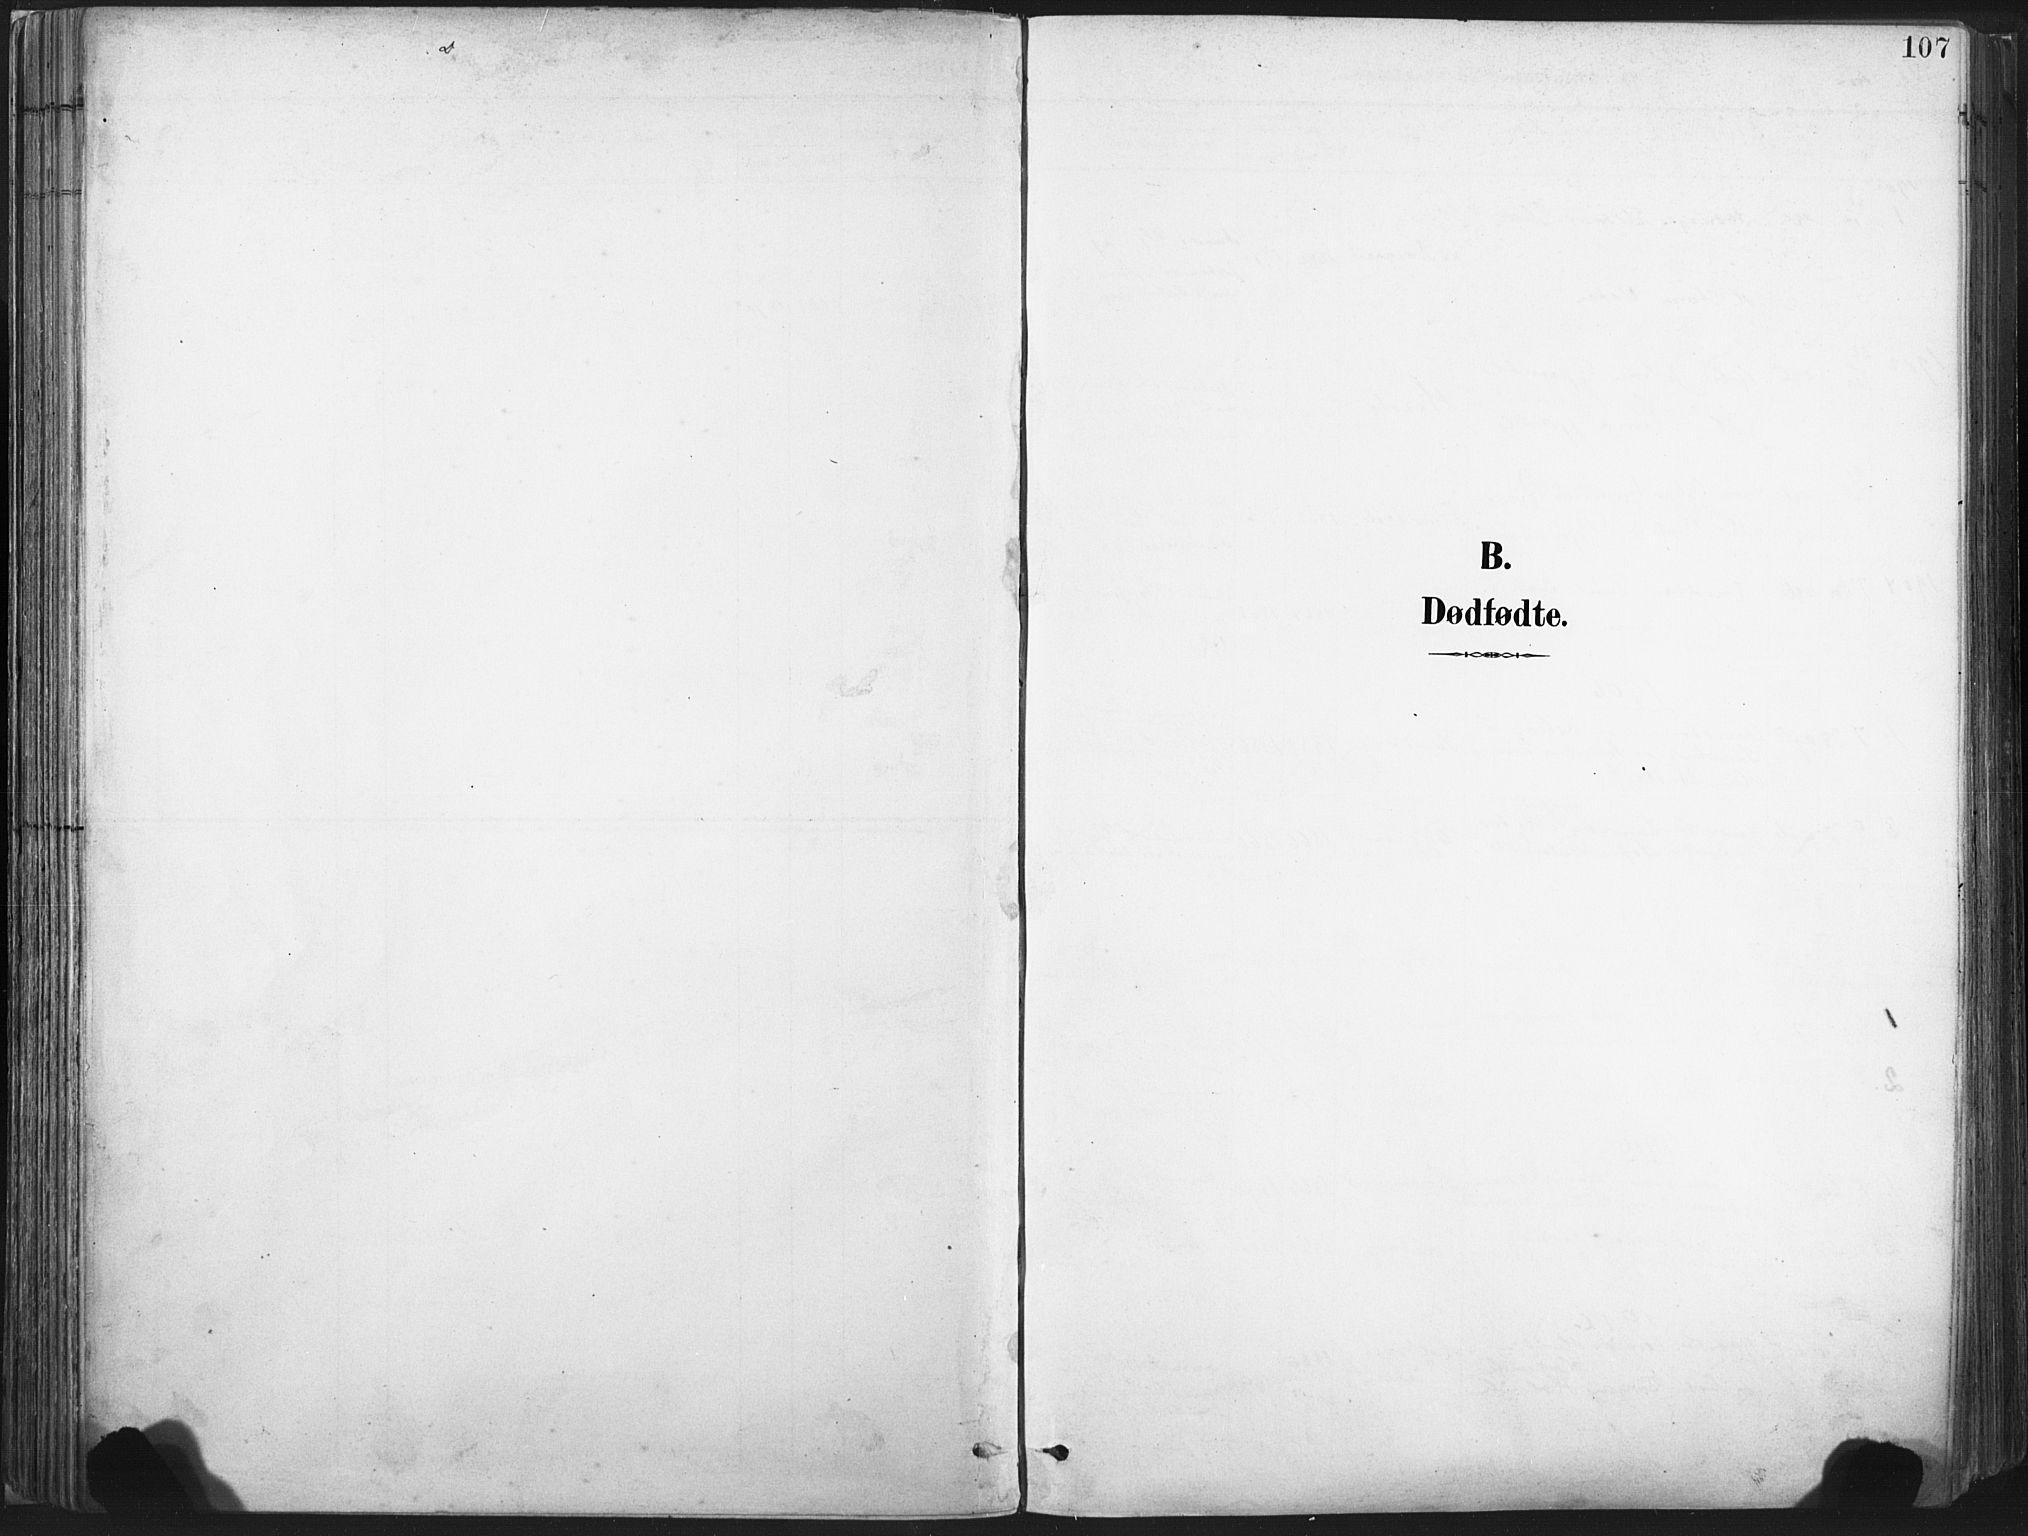 SAT, Ministerialprotokoller, klokkerbøker og fødselsregistre - Nord-Trøndelag, 717/L0162: Ministerialbok nr. 717A12, 1898-1923, s. 107